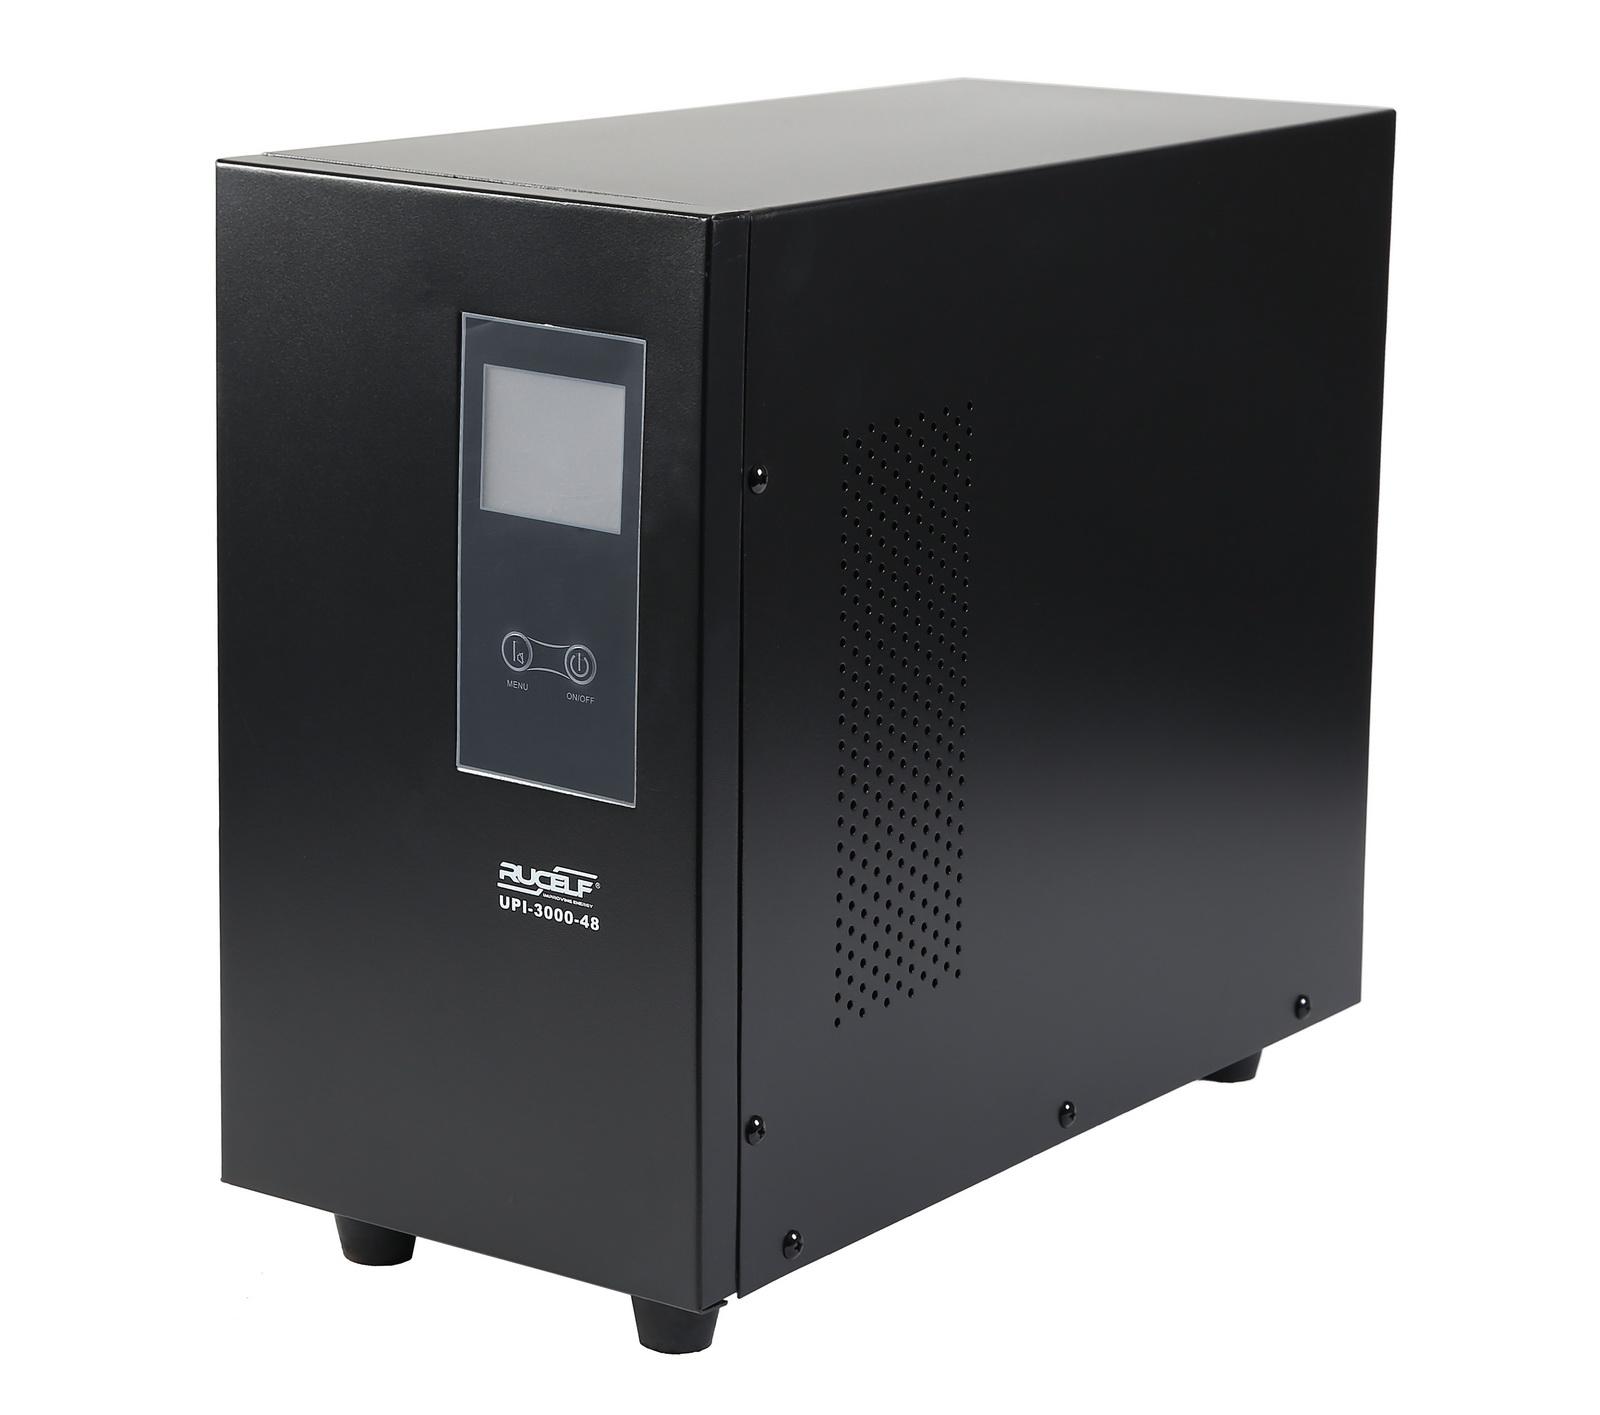 ИБП RucelfСтабилизаторы и ИБП<br>Мощность полная: 2100,<br>Мощность: 2000,<br>Тип: ИБП,<br>Тип ИБП: линейно-интерактивный,<br>Тип установки: напольный,<br>Мин. входное напряжение: 140,<br>Макс. входное напряжение: 275,<br>Выходное напряжение: 220,<br>Дисплей: цифровой,<br>Вес нетто: 5<br>